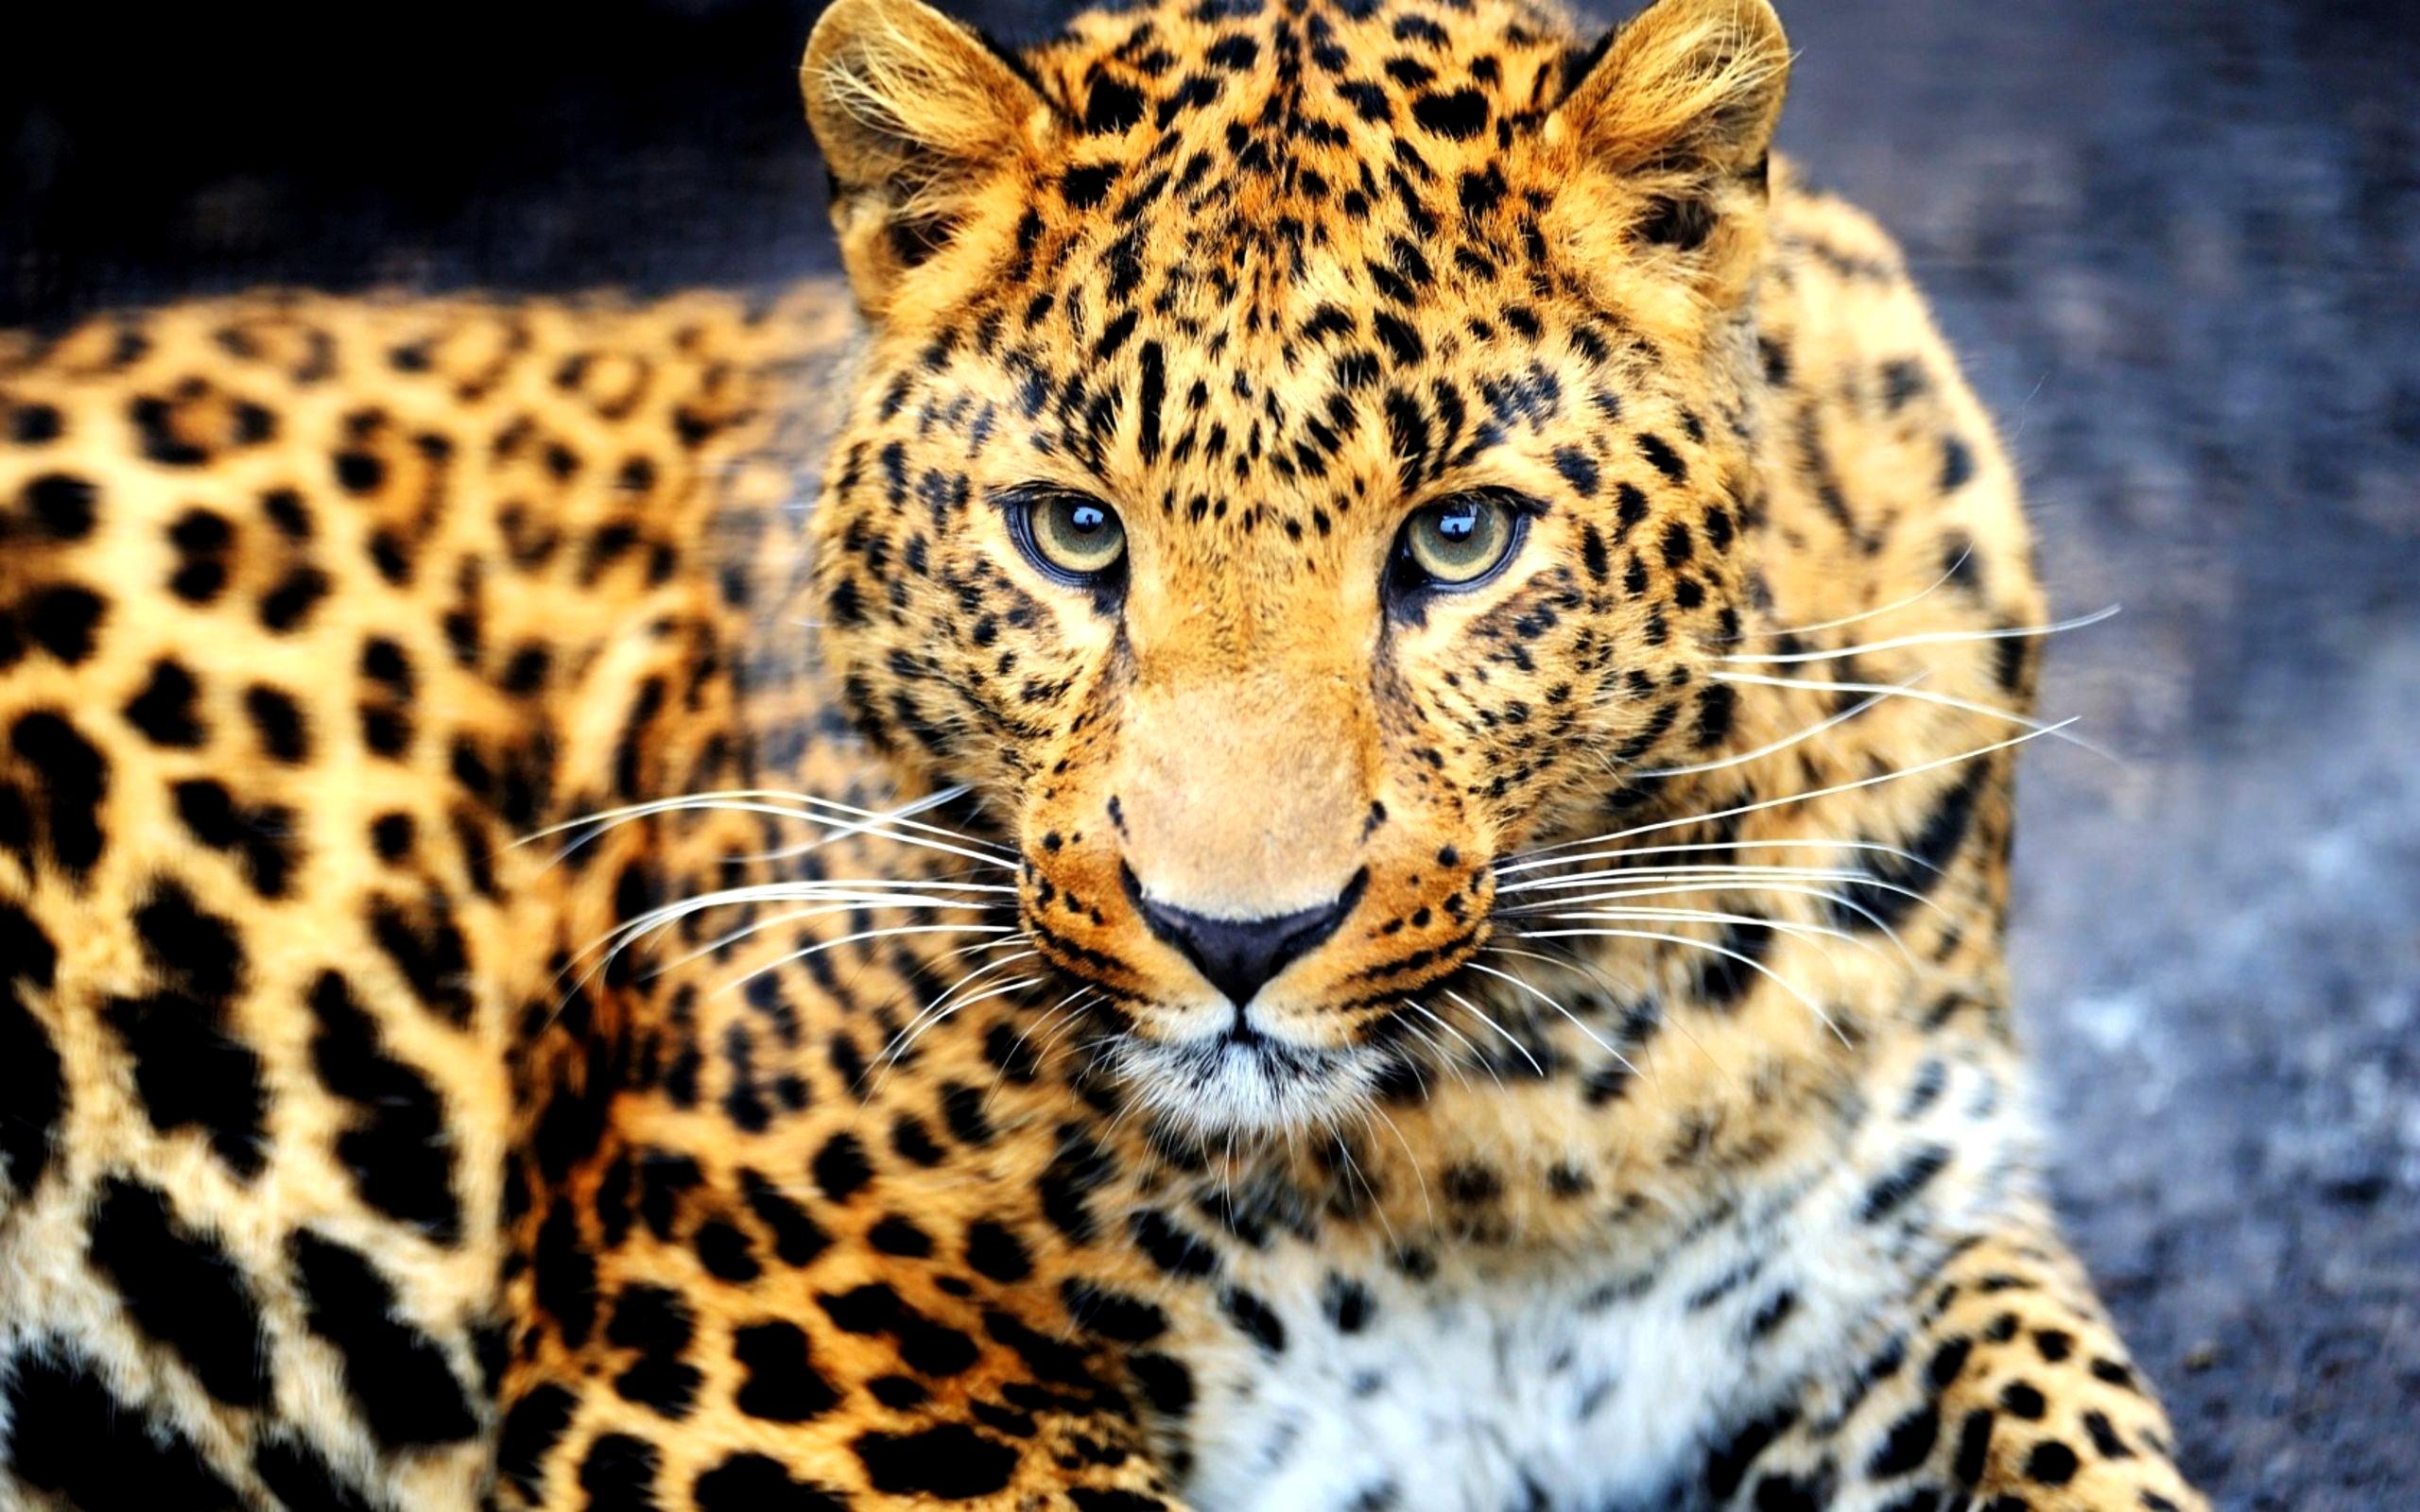 leopard magnifique fond d 39 cran 10 000 fonds d 39 cran hd gratuits et de qualit wallpapers hd. Black Bedroom Furniture Sets. Home Design Ideas